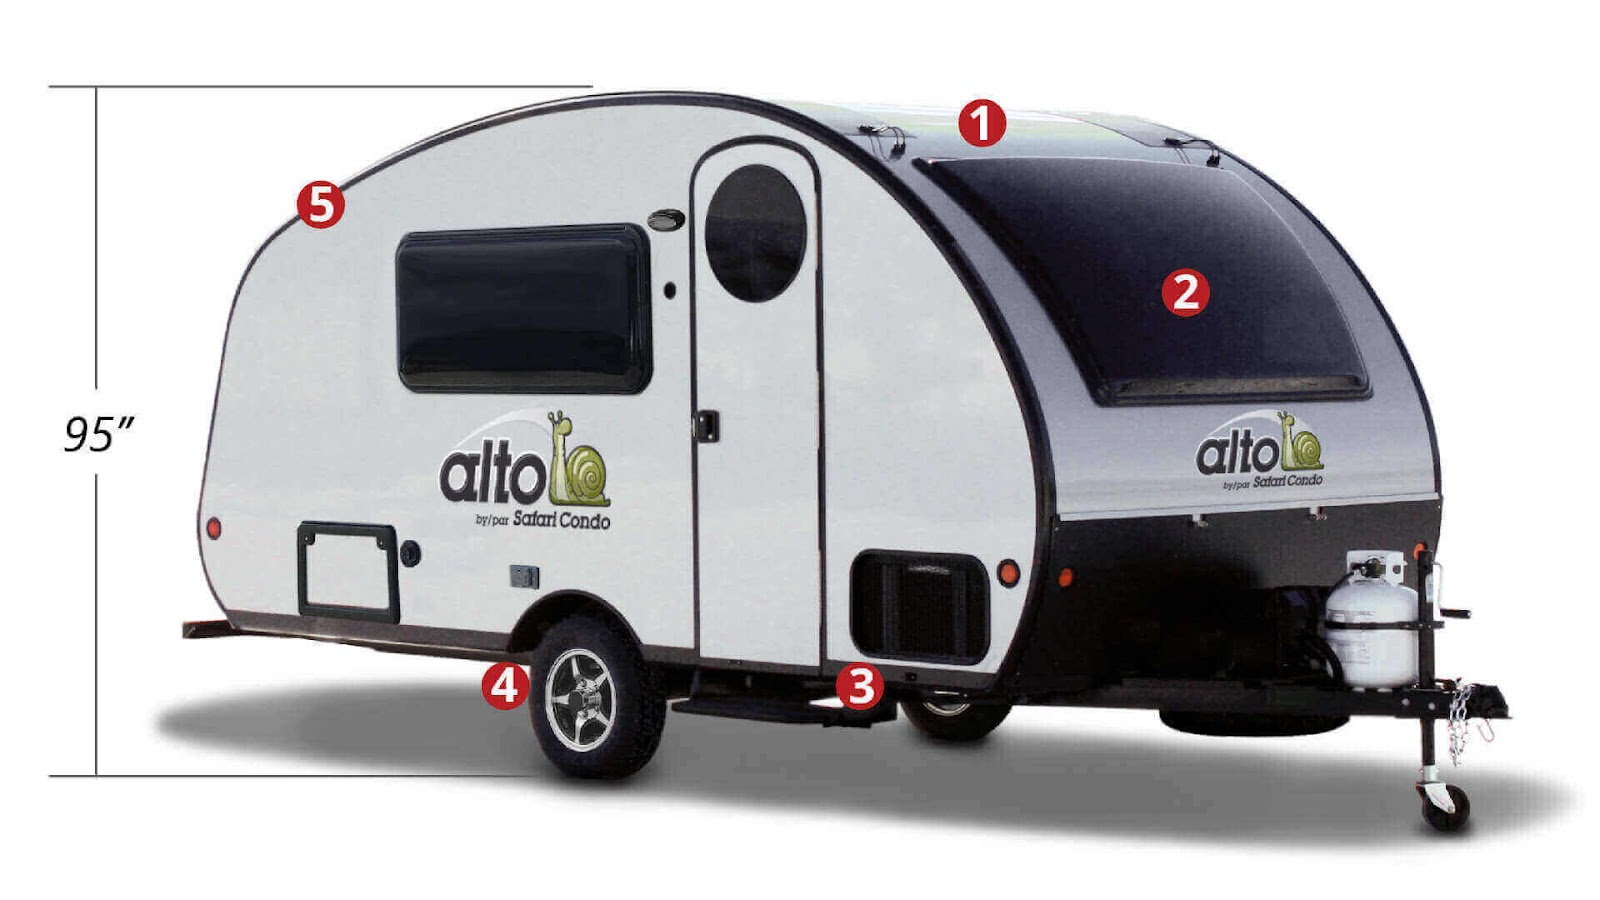 Alto F1743 travel trailer